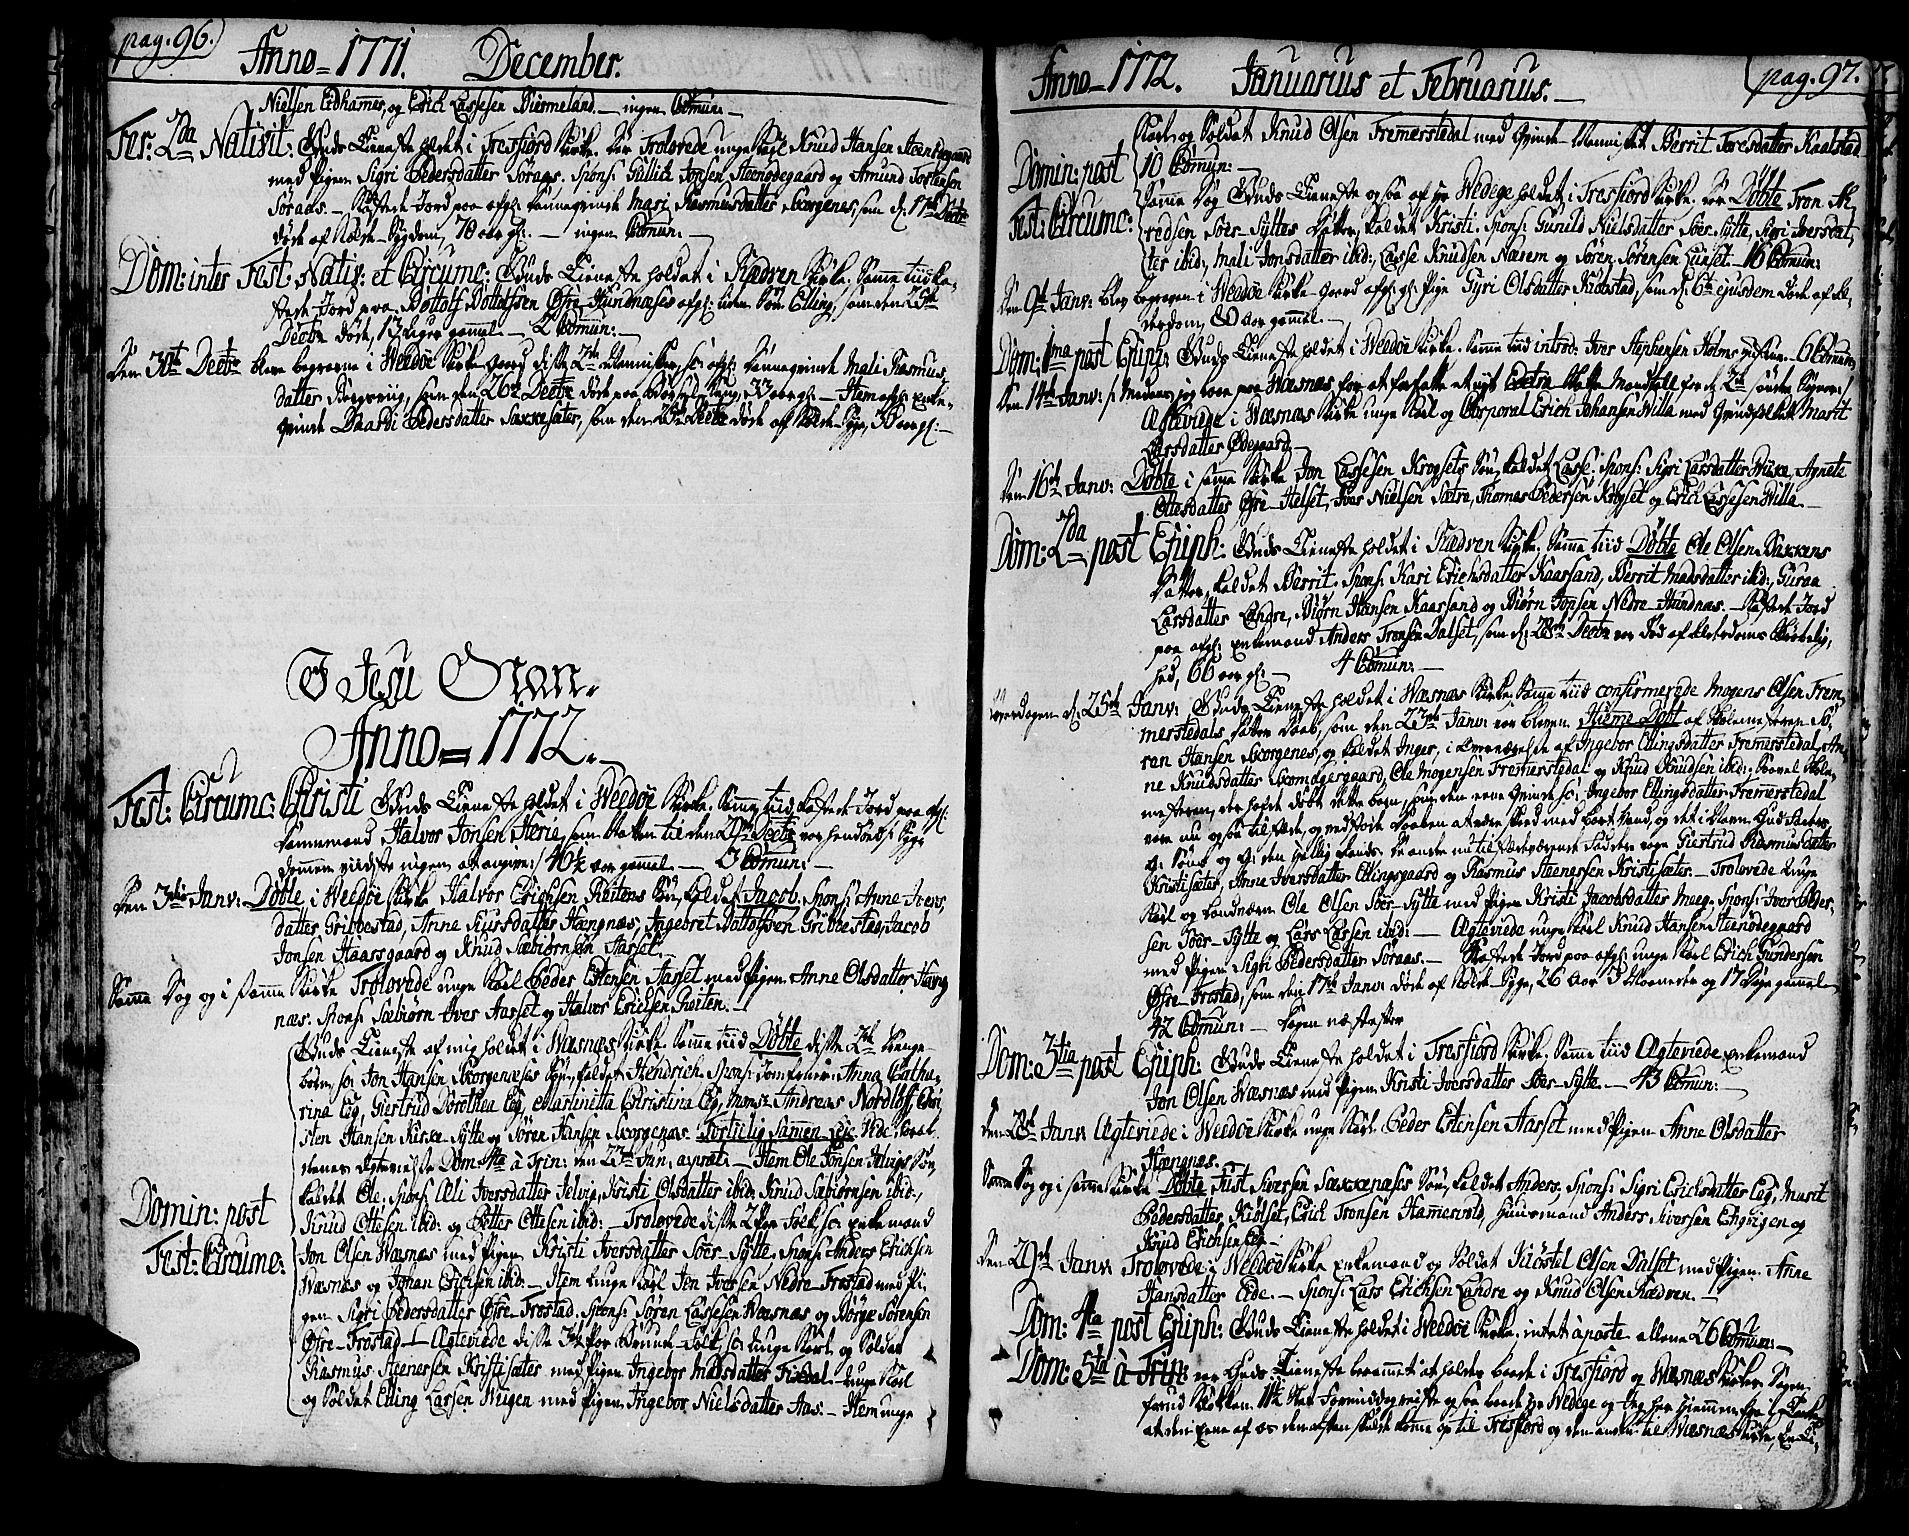 SAT, Ministerialprotokoller, klokkerbøker og fødselsregistre - Møre og Romsdal, 547/L0600: Ministerialbok nr. 547A02, 1765-1799, s. 96-97